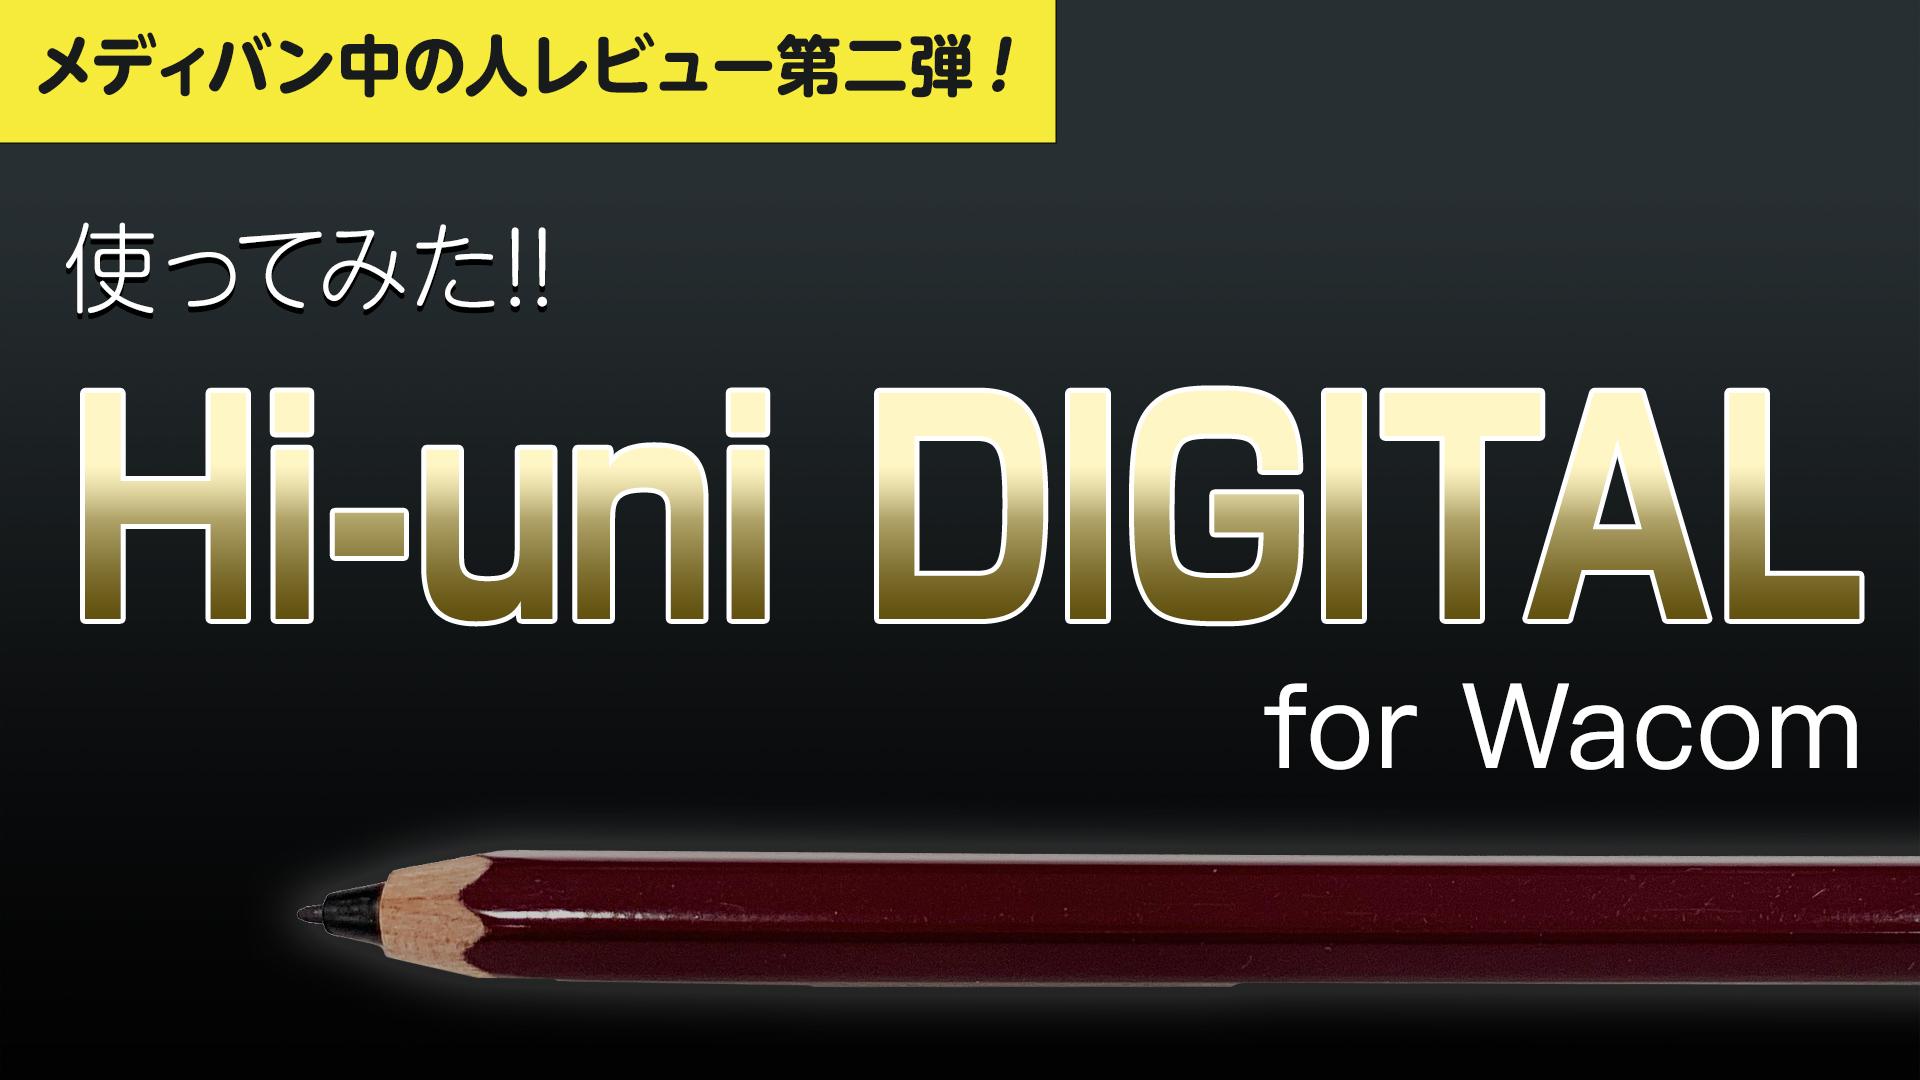 デジタルペン「Hi-uni DIGITAL for Wacom」を使ってみた!